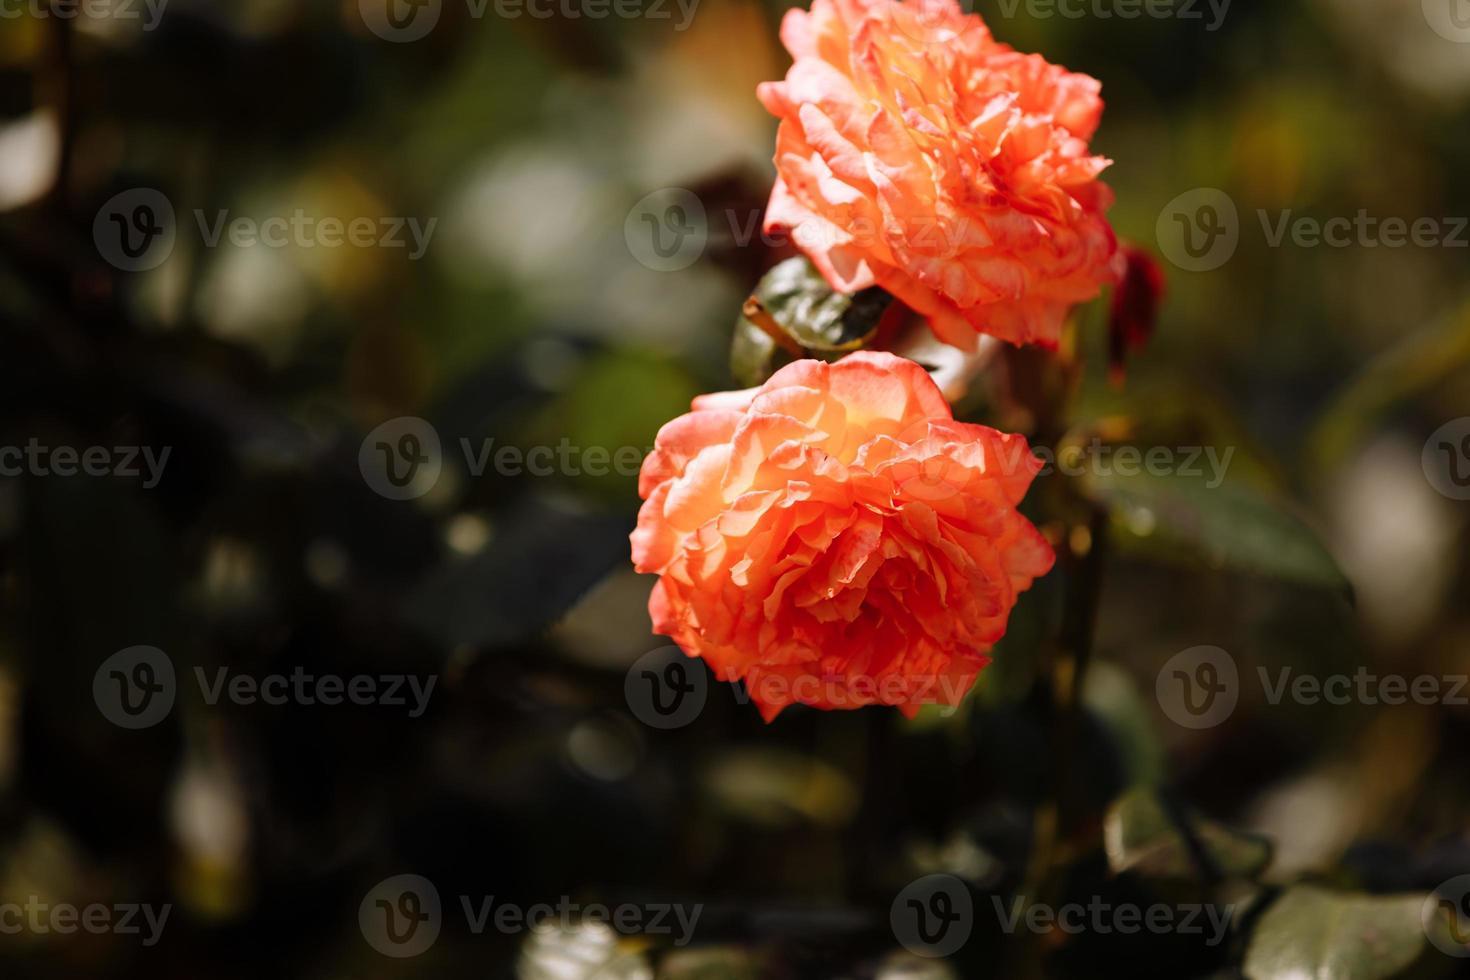 eine erstaunliche zarte Pfirsichrose aus nächster Nähe im Garten. Makroaufnahme einer schönen mehrfarbigen Rose aus nächster Nähe. perfektes Konzept der Postkarte. selektiver Fokus foto